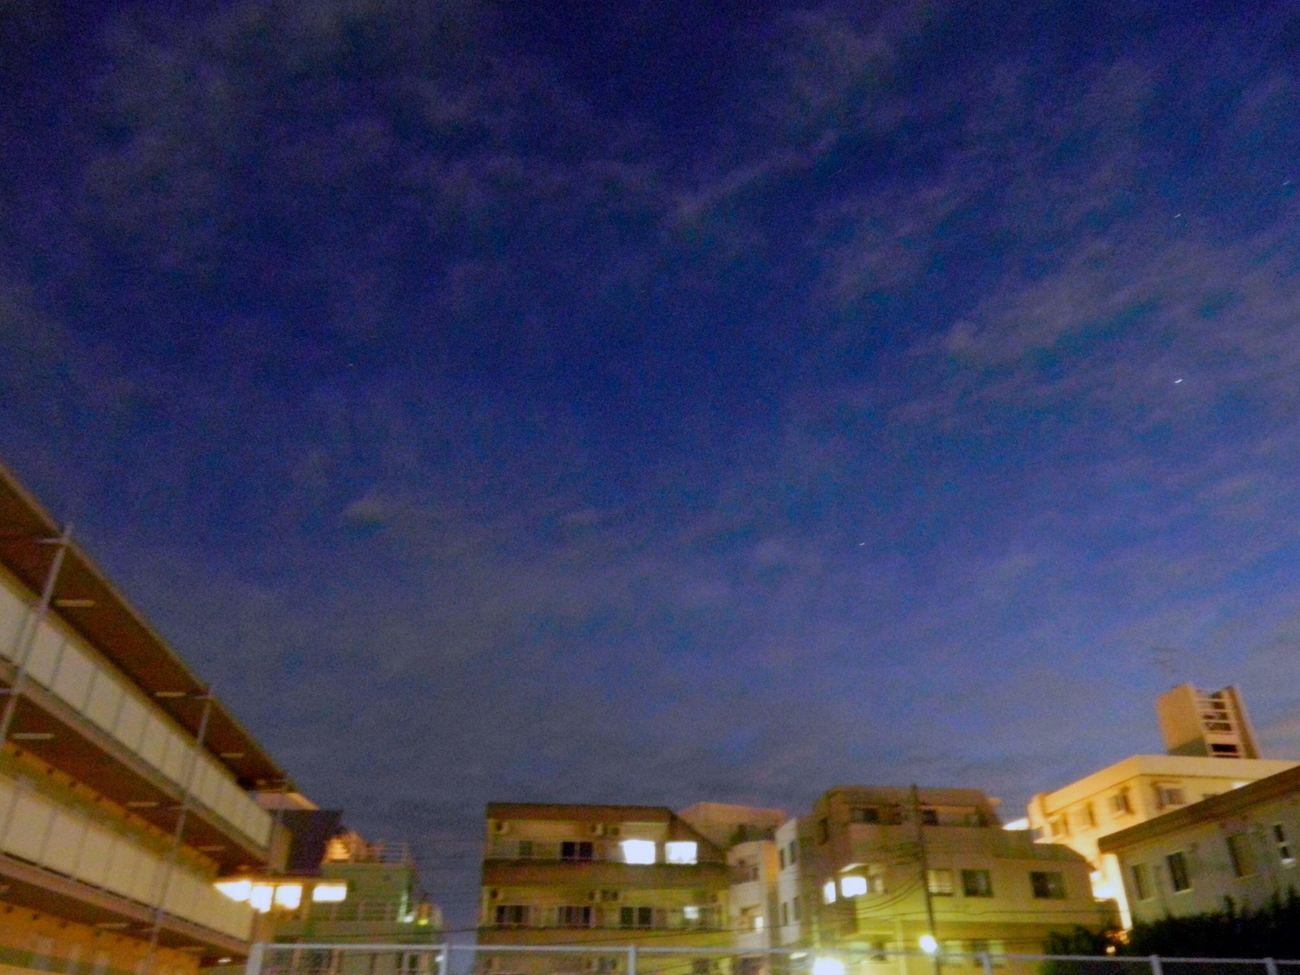 残光が 地平へ引かれて行く間際 空は藍へと染め上げられた NIKON S800c After Sunset